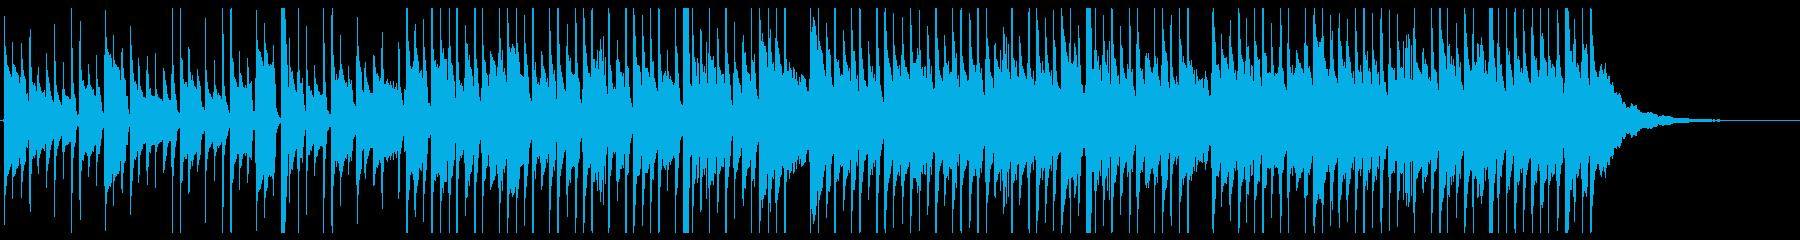 ギターアンサンブルでワルツをの再生済みの波形